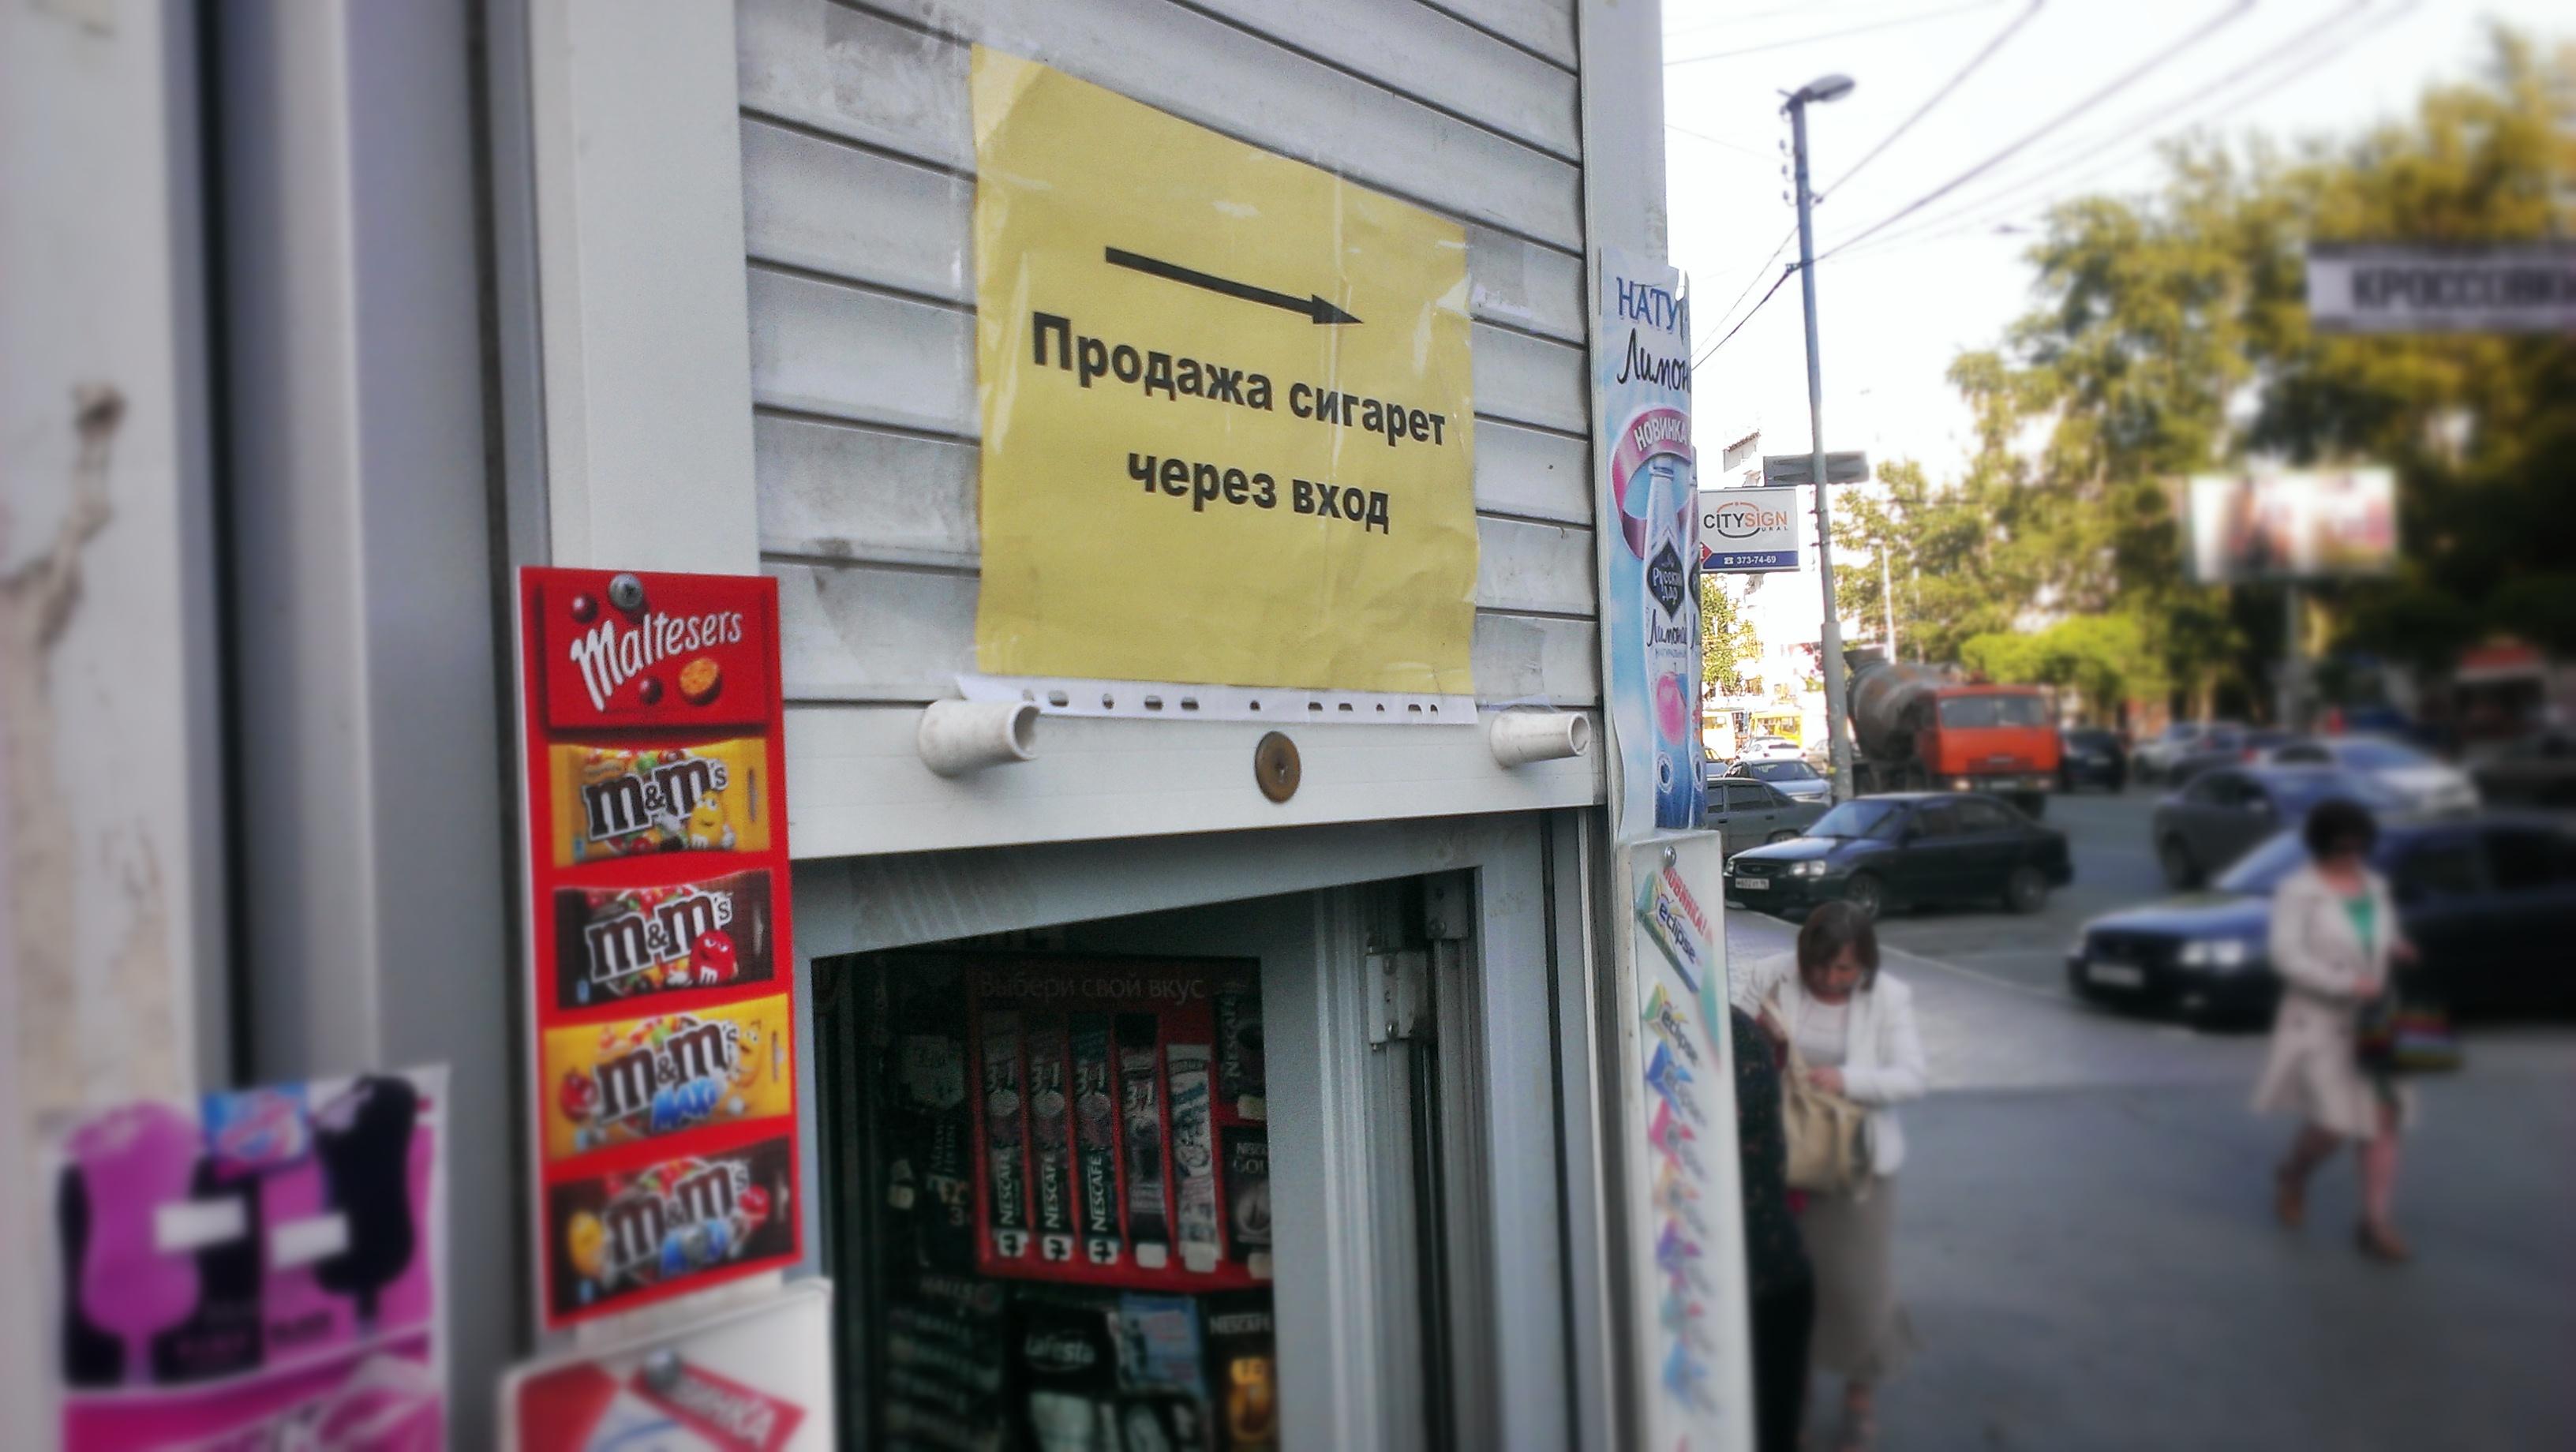 Общественные туалеты Екатеринбурга превратили в табачные павильоны